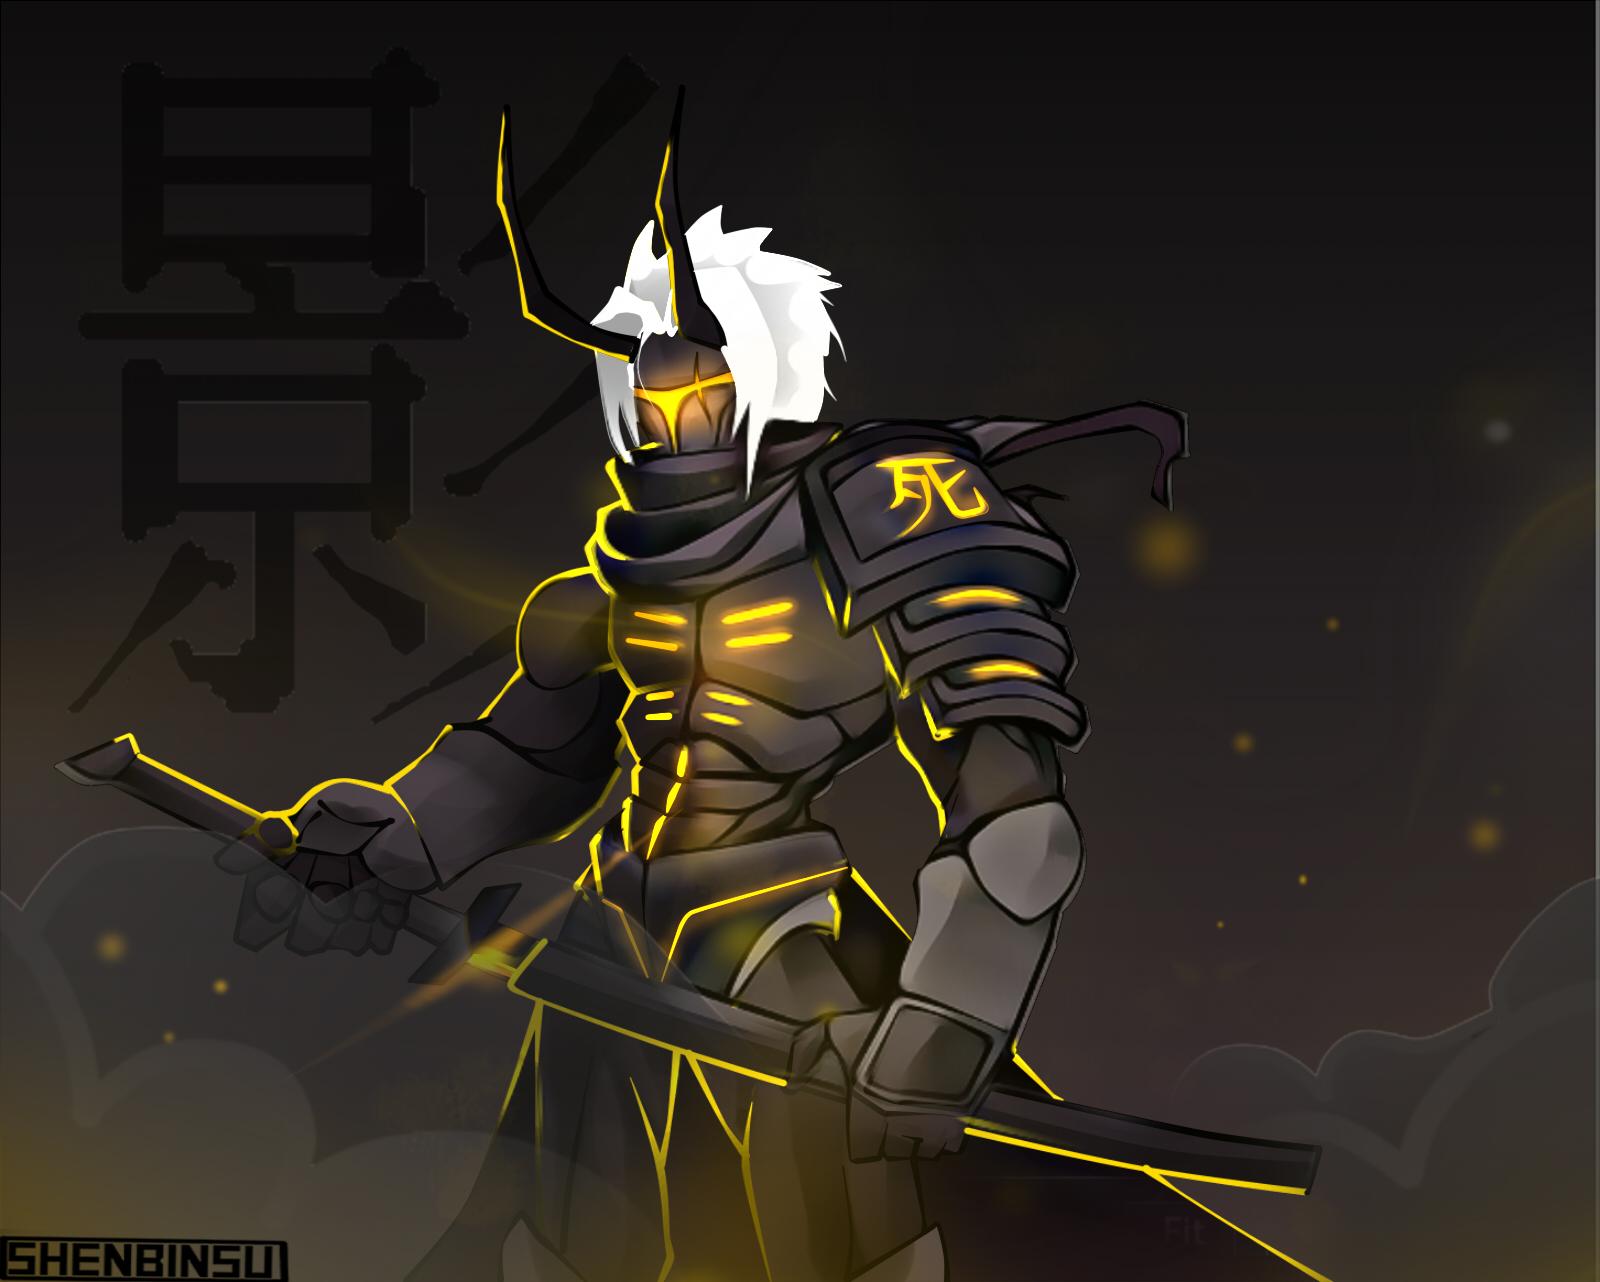 Static Shogun